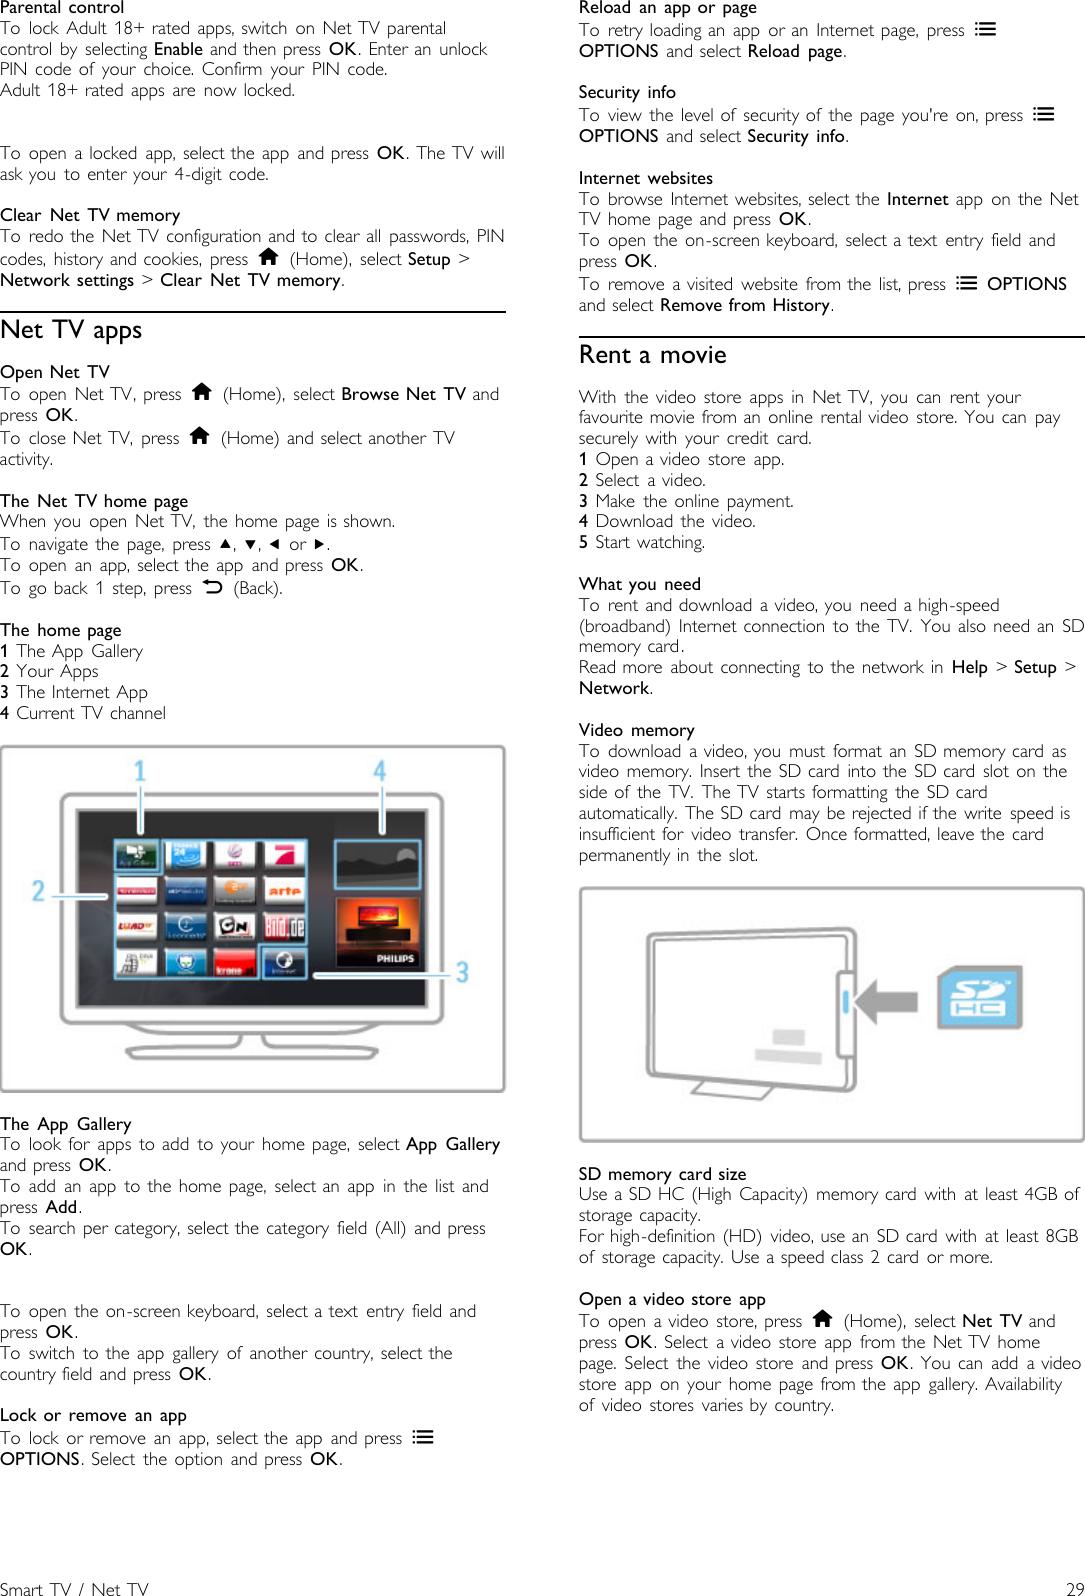 Philips 50PFL7956K/02 310432700513 User Manual Instrukcja